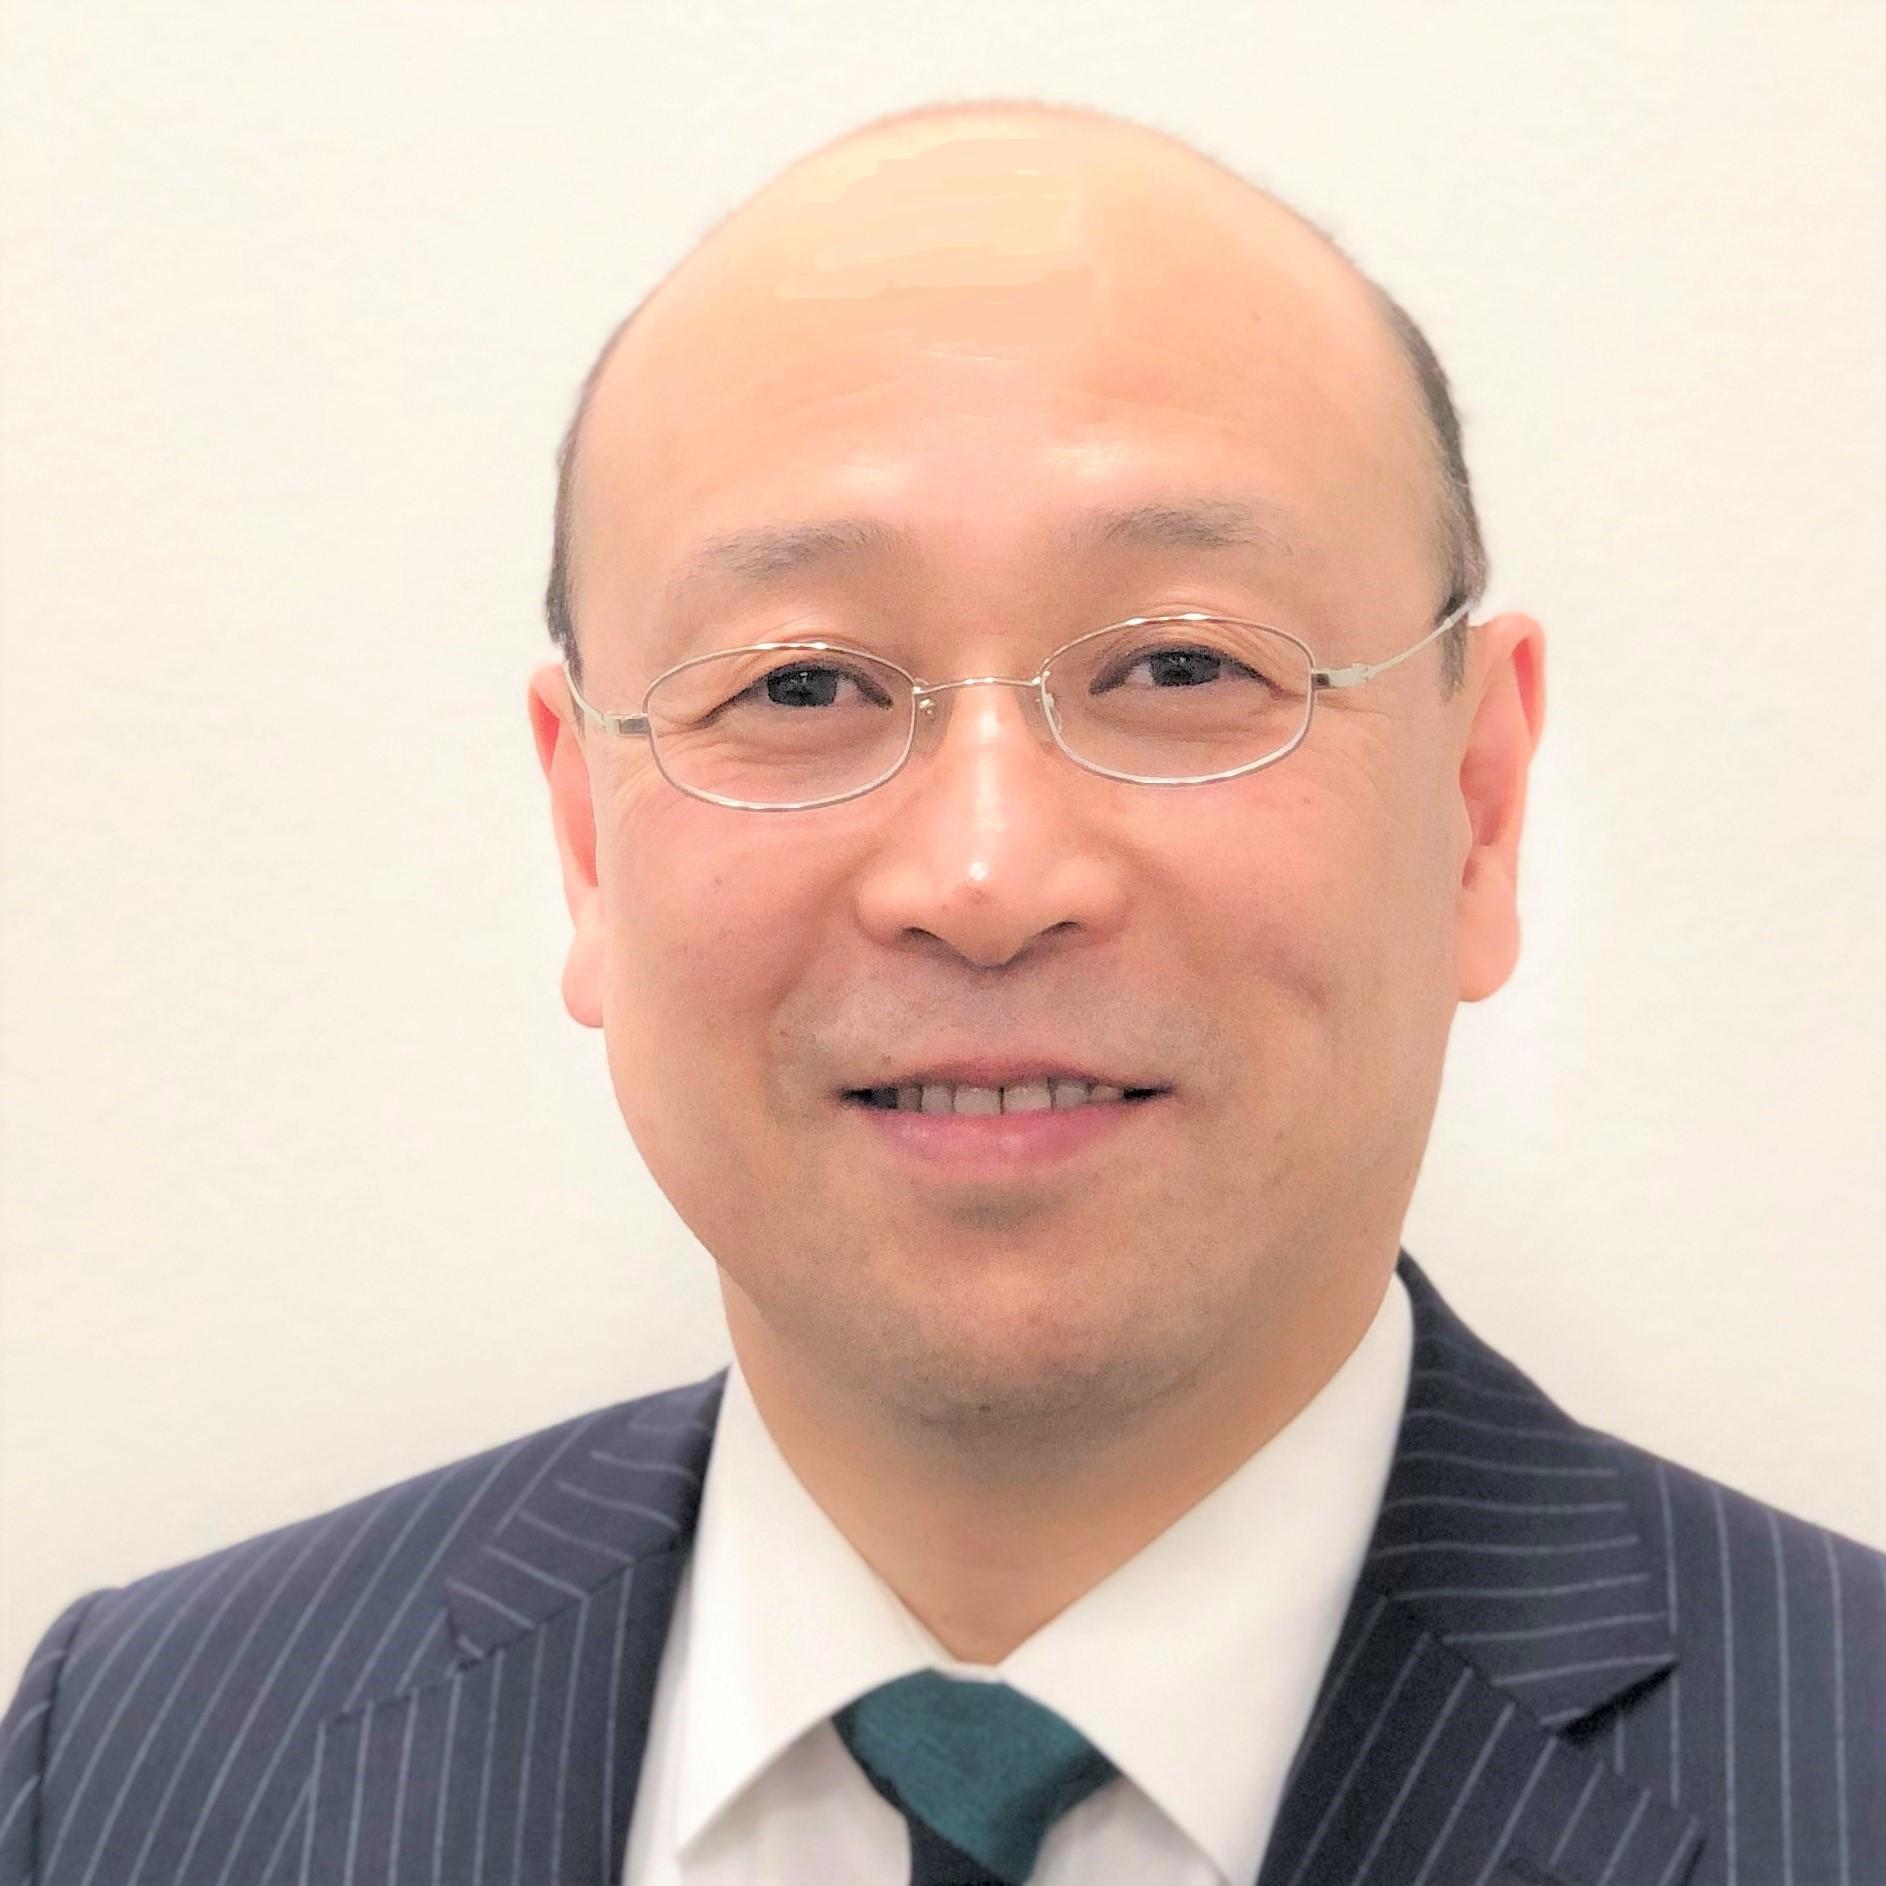 Yoshiaki Matsubara